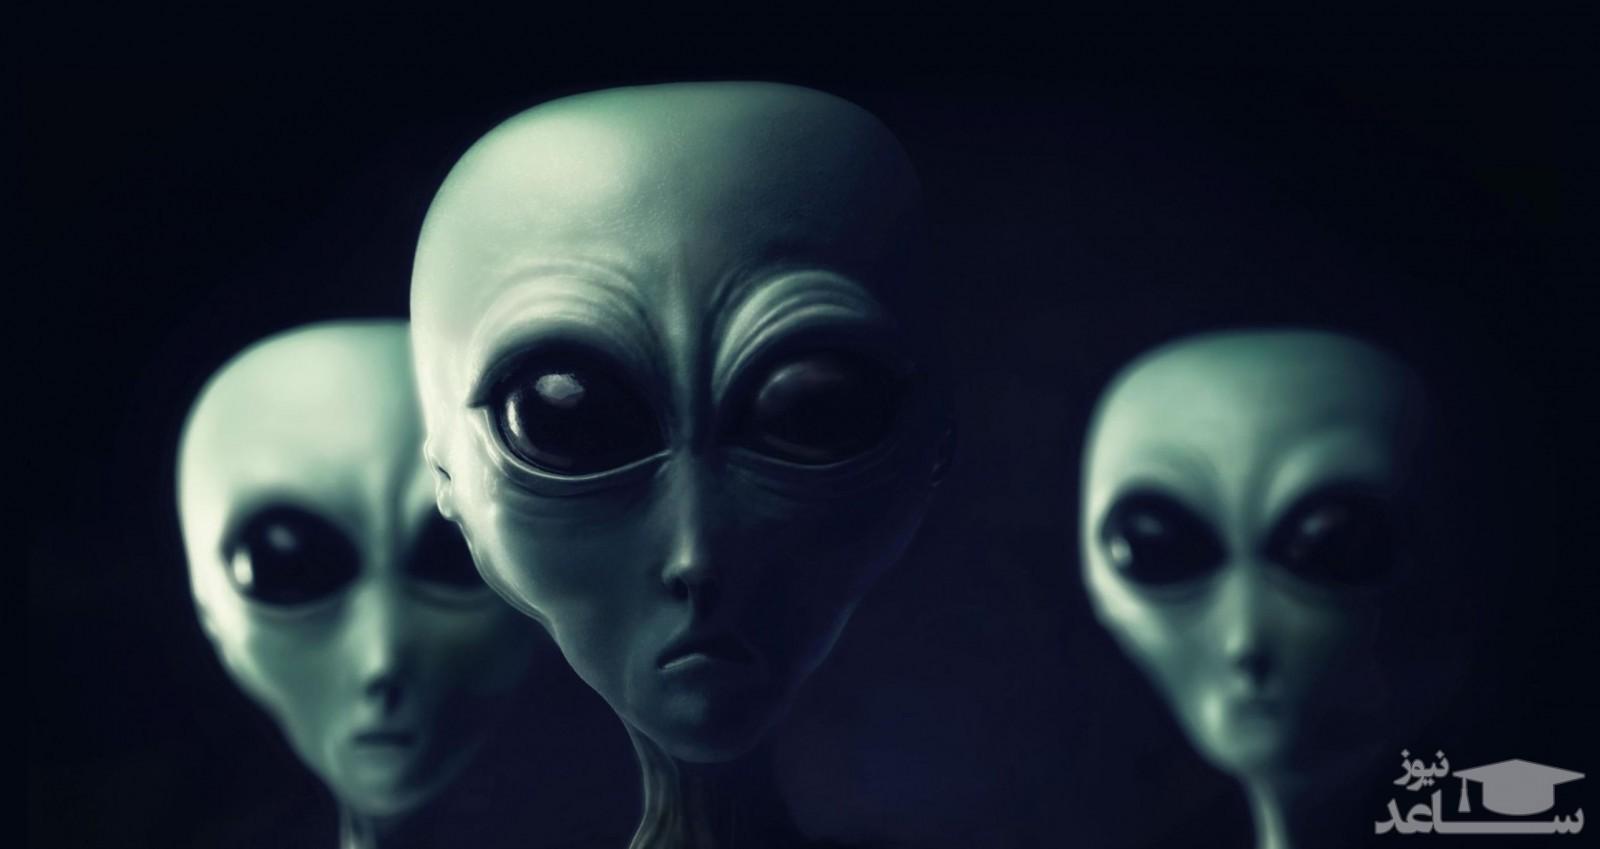 کشف نشانههای حیات در یک سیاره / بیگانهها در زهره زندگی میکنند؟